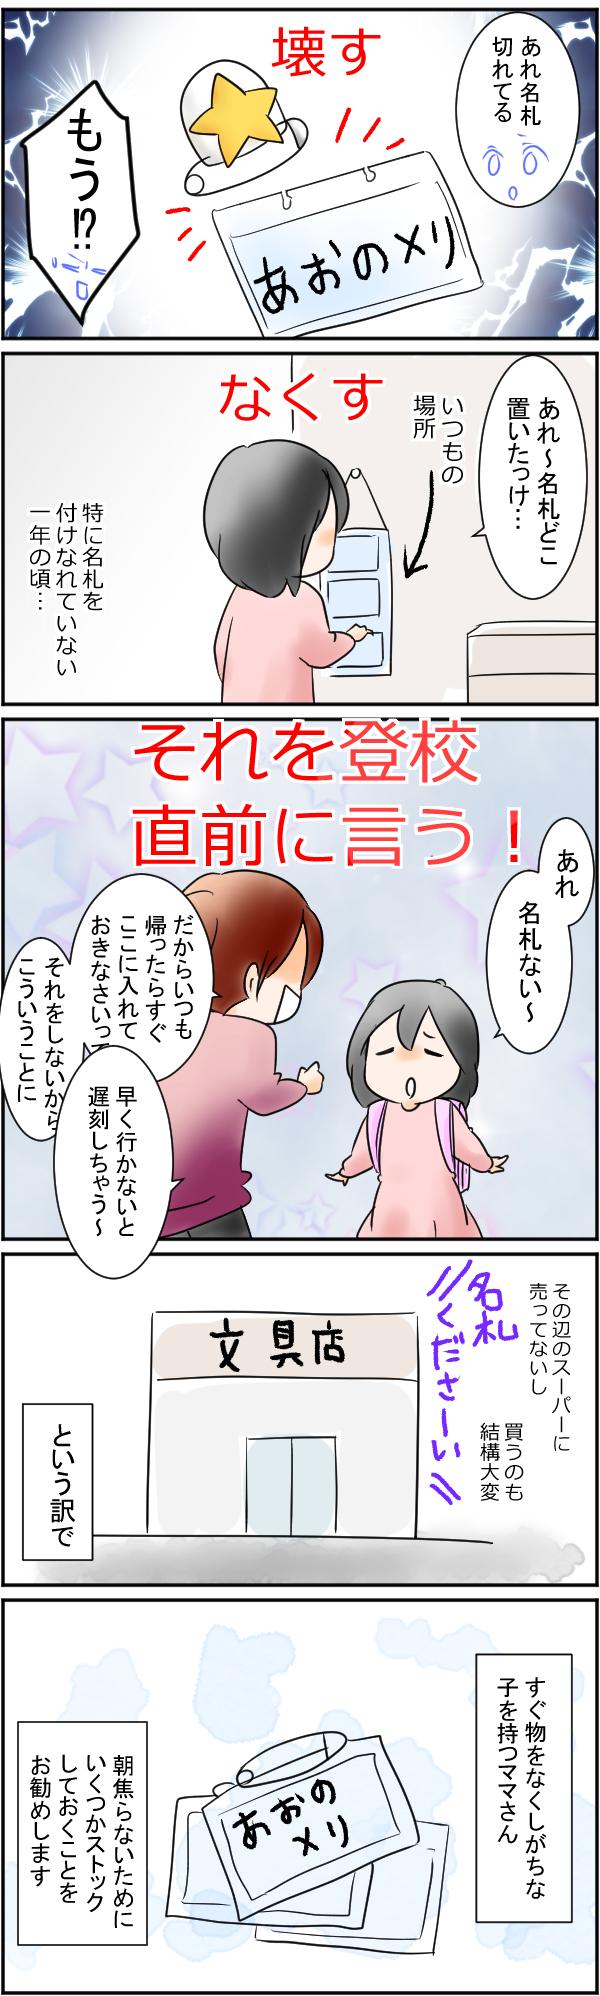 """新学期準備シーズン到来!見落としがちだけど""""アレ""""の予備も忘れずに!の画像2"""